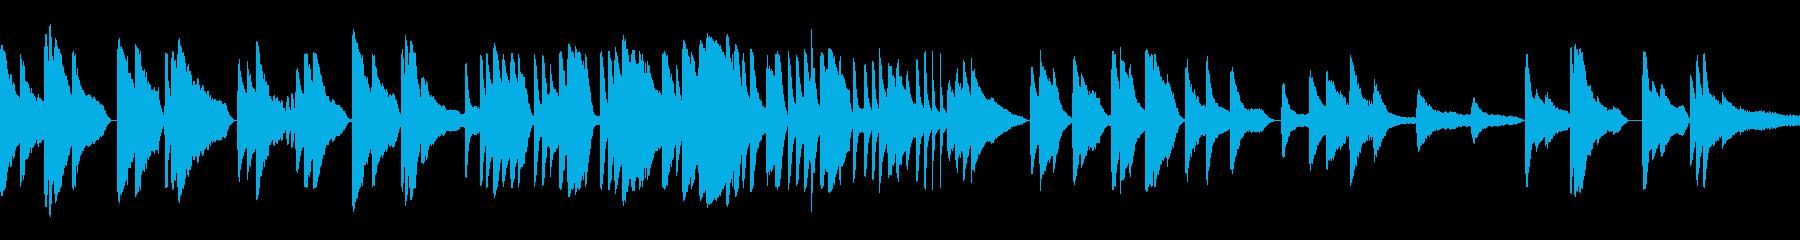 ピアノを使ったゆったりした曲の再生済みの波形